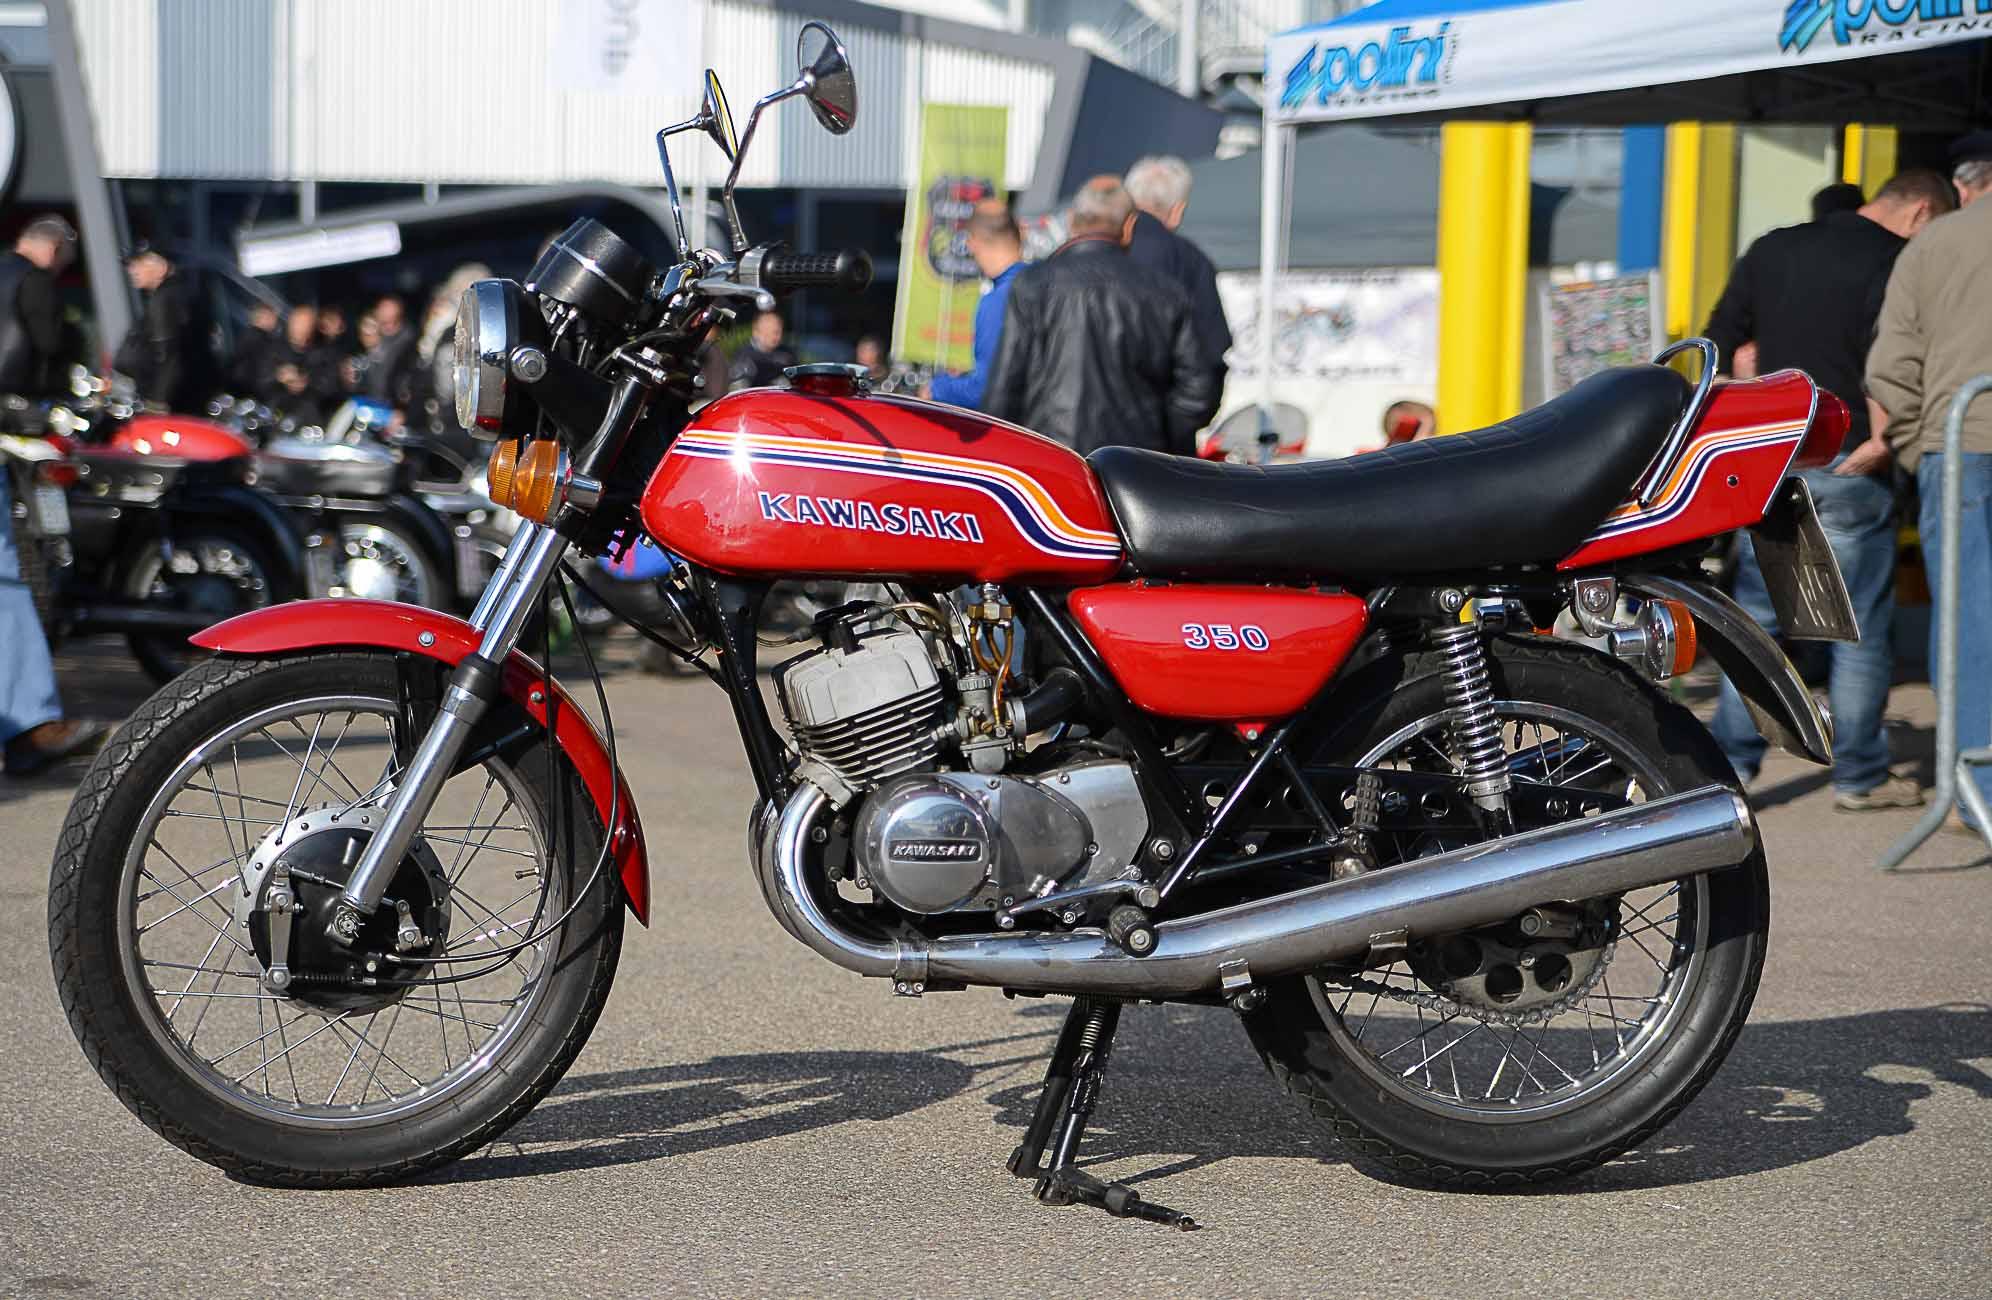 KAWASAKI 350 S2 (1971-1976)